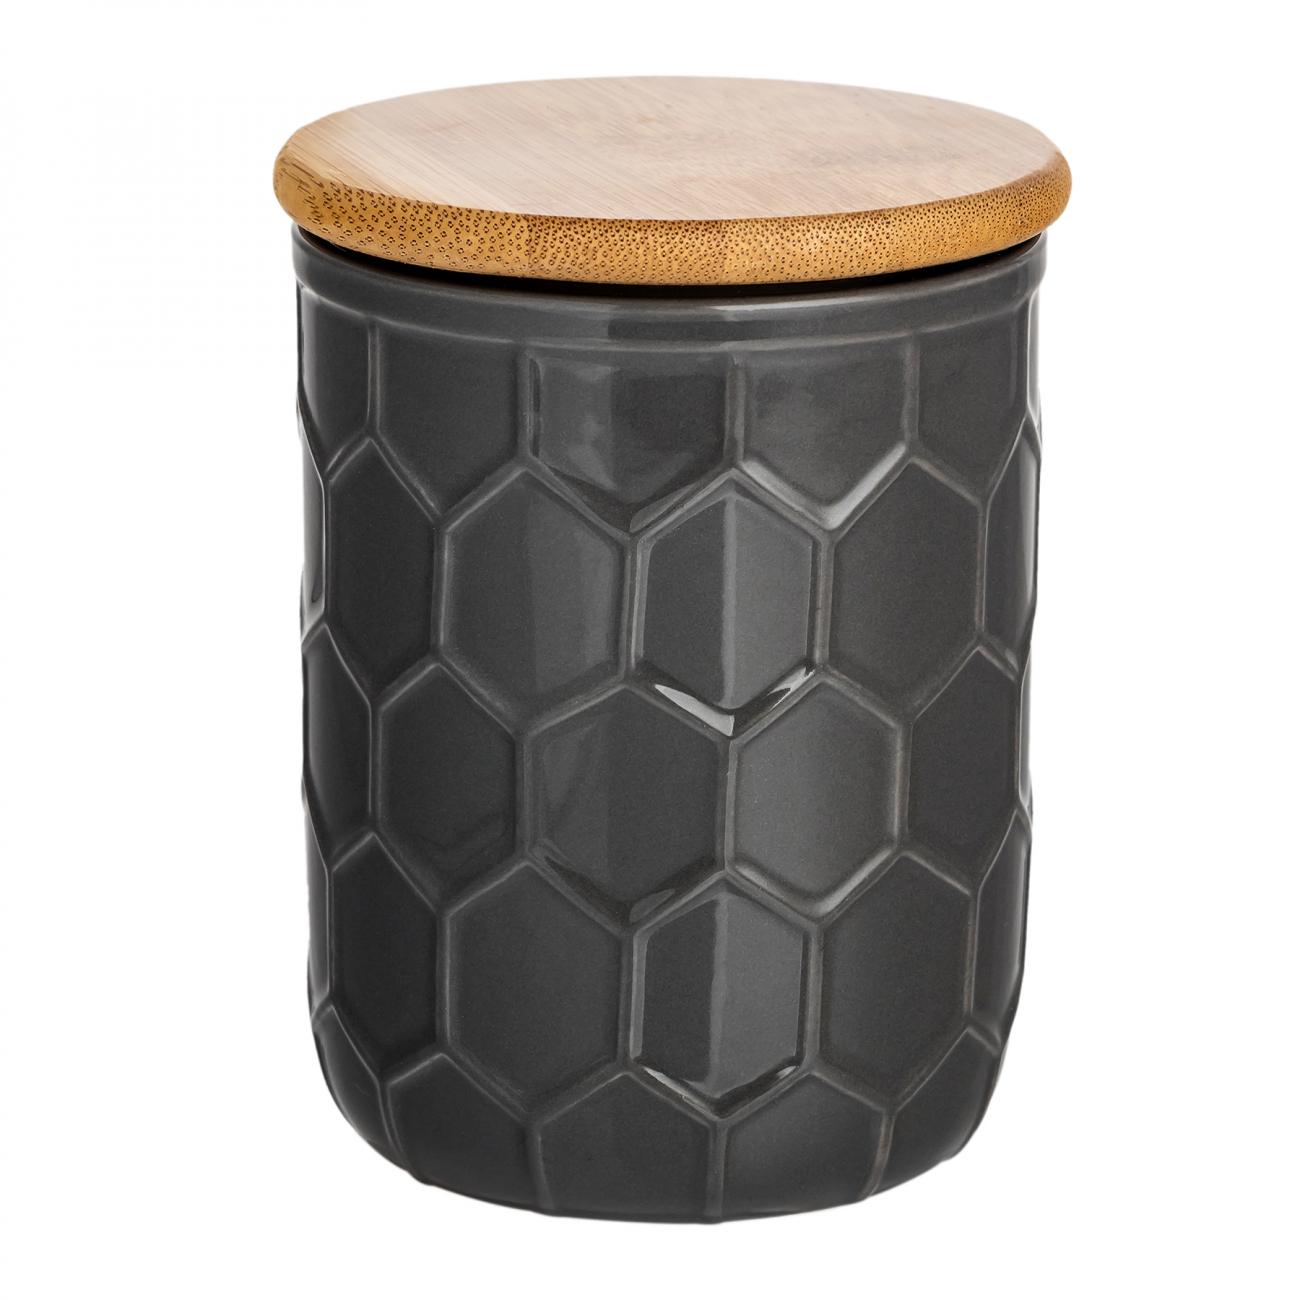 Купить Ёмкость для хранения Honeycomb Чёрная Маленькая в интернет магазине дизайнерской мебели и аксессуаров для дома и дачи